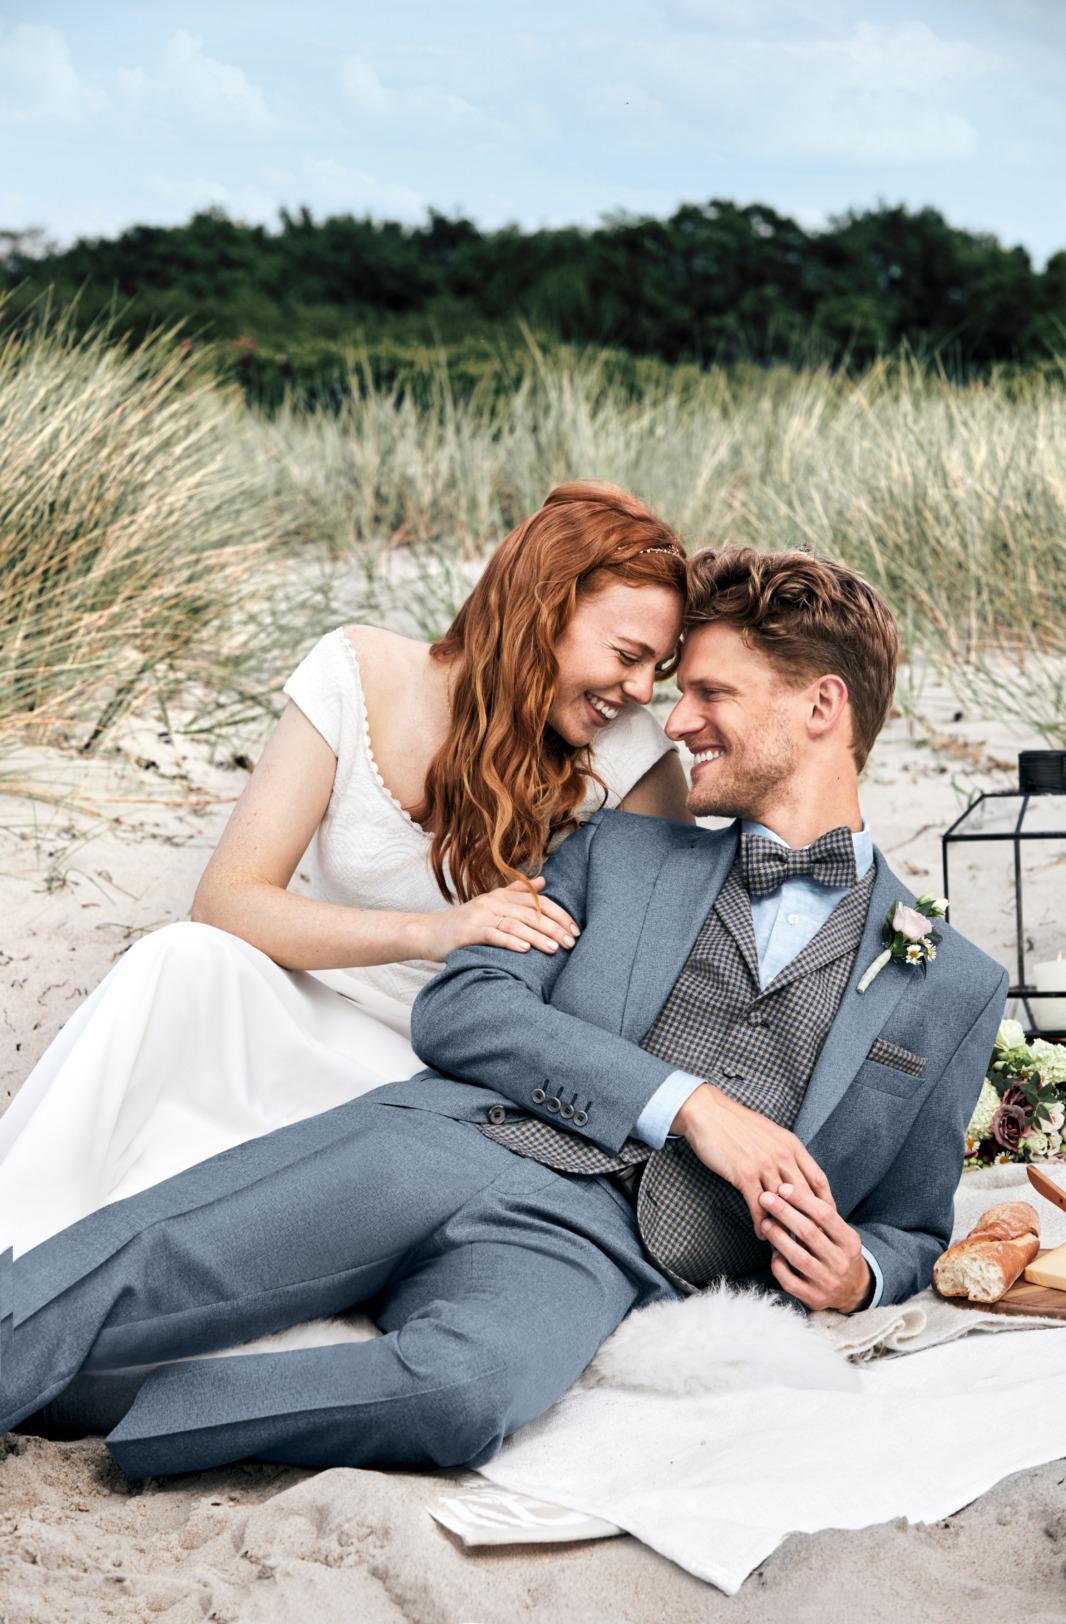 Wilvorst Green Wedding Hochzeitsanzug Männer Mode Bräutigam klassische Form vintage boho Stil mittel blau wil_0121_kam_gw-Look4_1